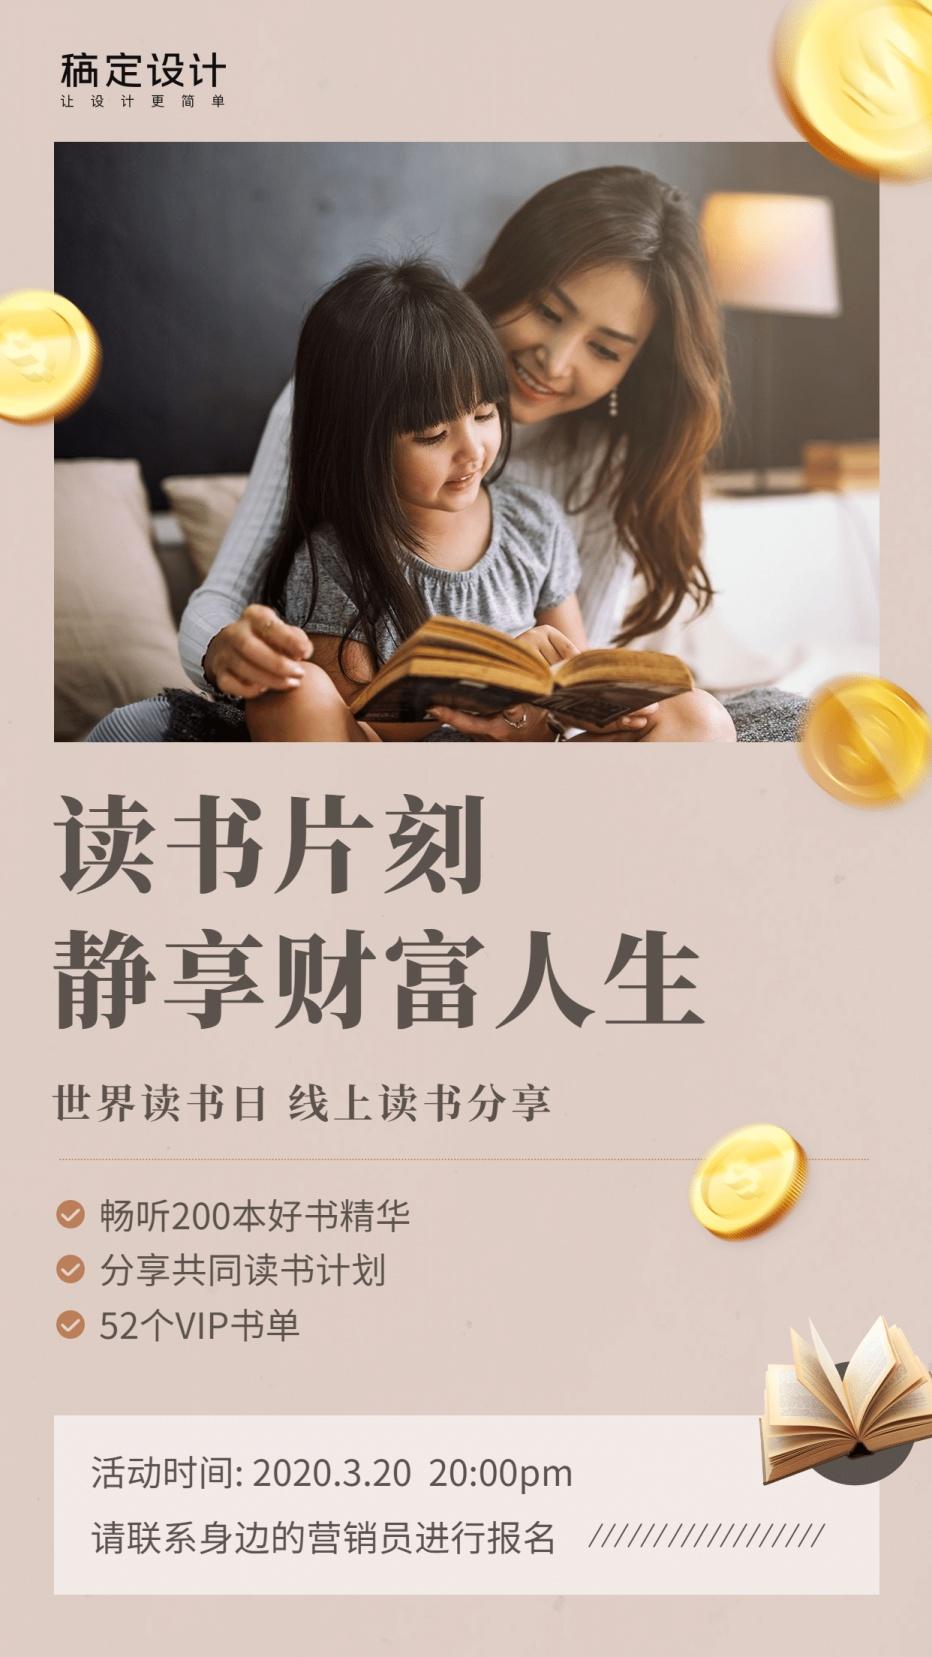 读书日静享财富人生实景排版海报